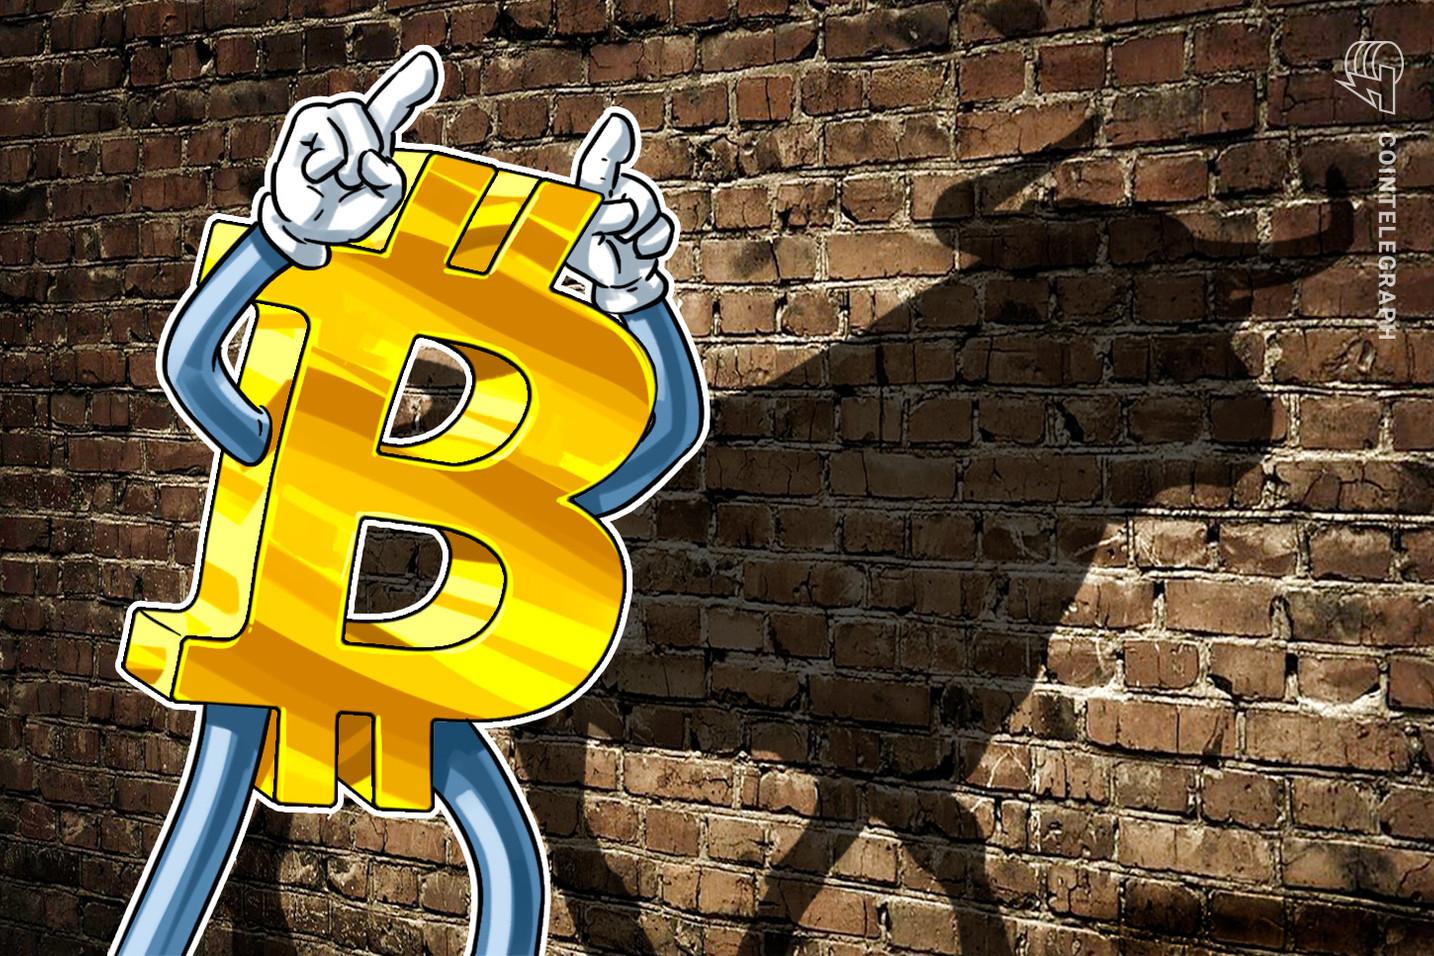 Bitcoin lặp lại bull run 2017 khi người mua nhập cuộc ở mức $10K - Coin  trading